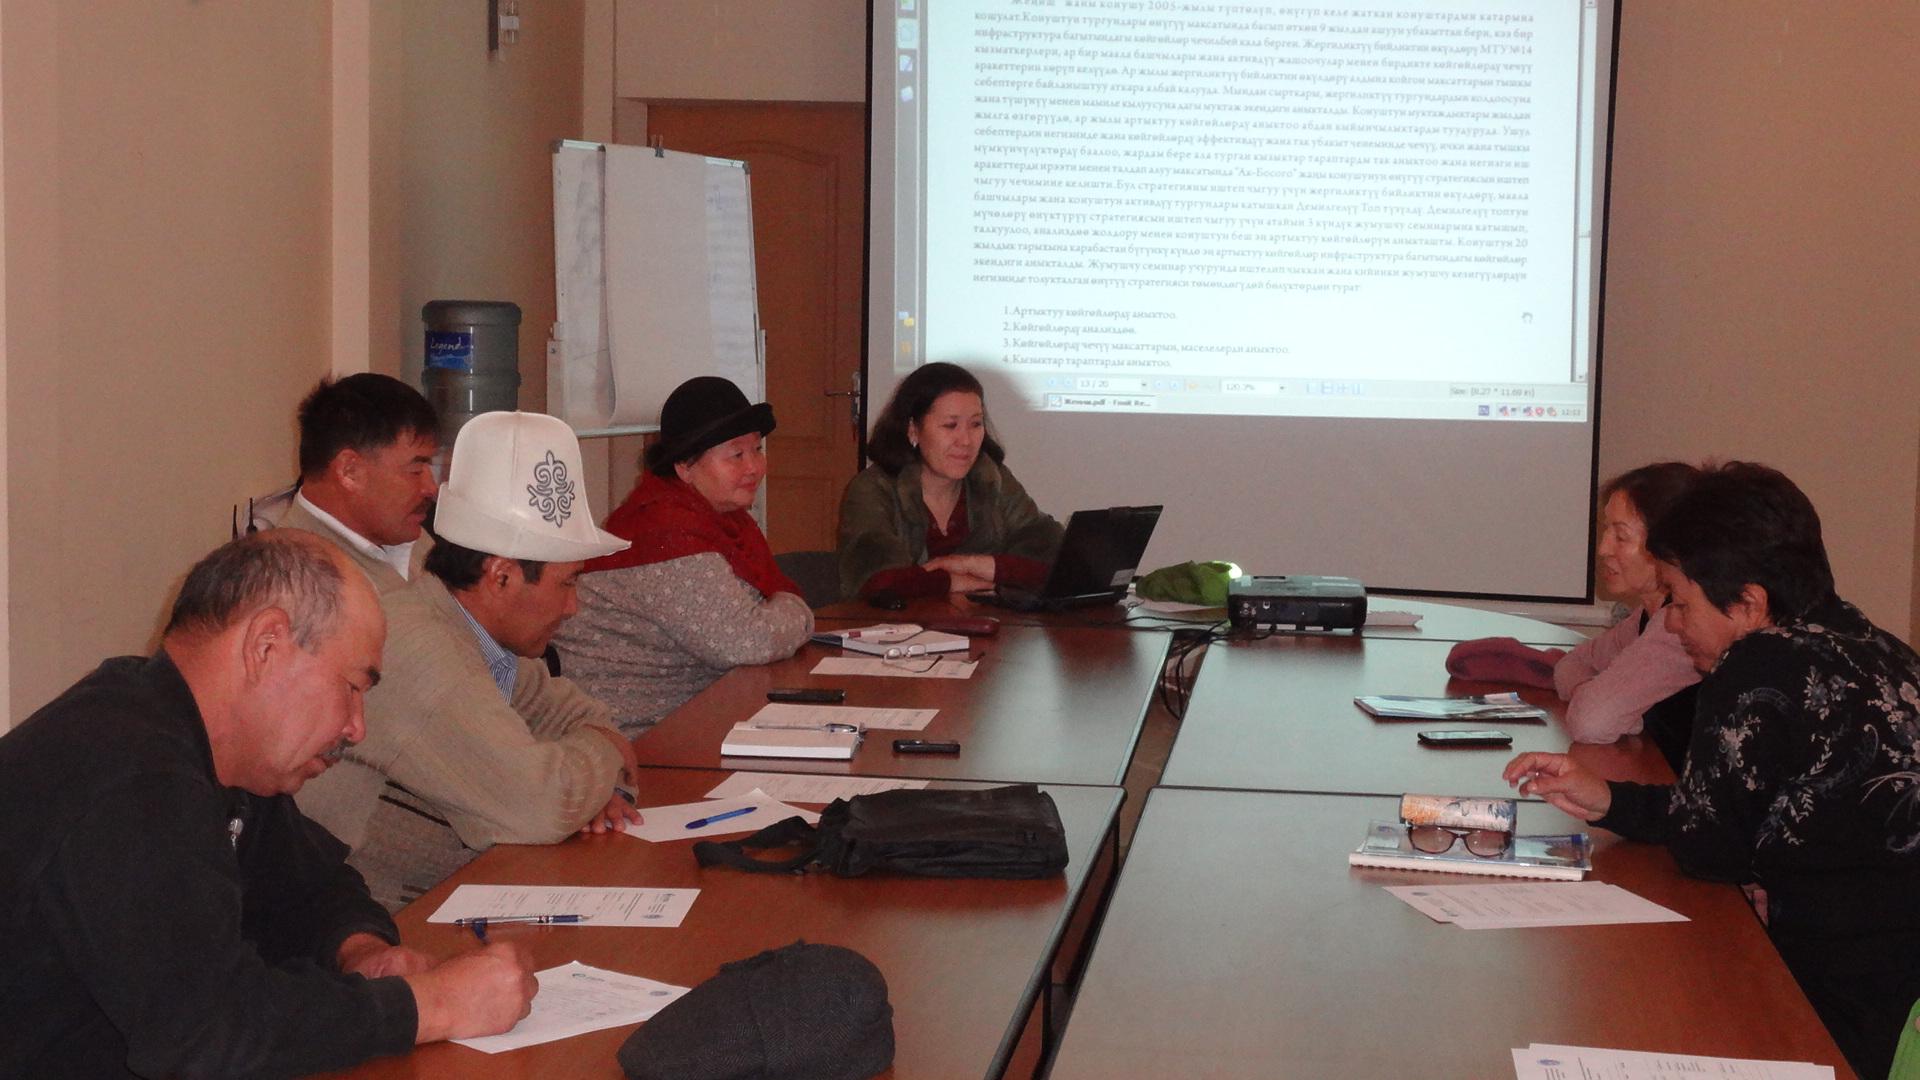 Кыргызстан: Как создать стратегию развития новостроек. Опытные активисты поделились своими знаниями